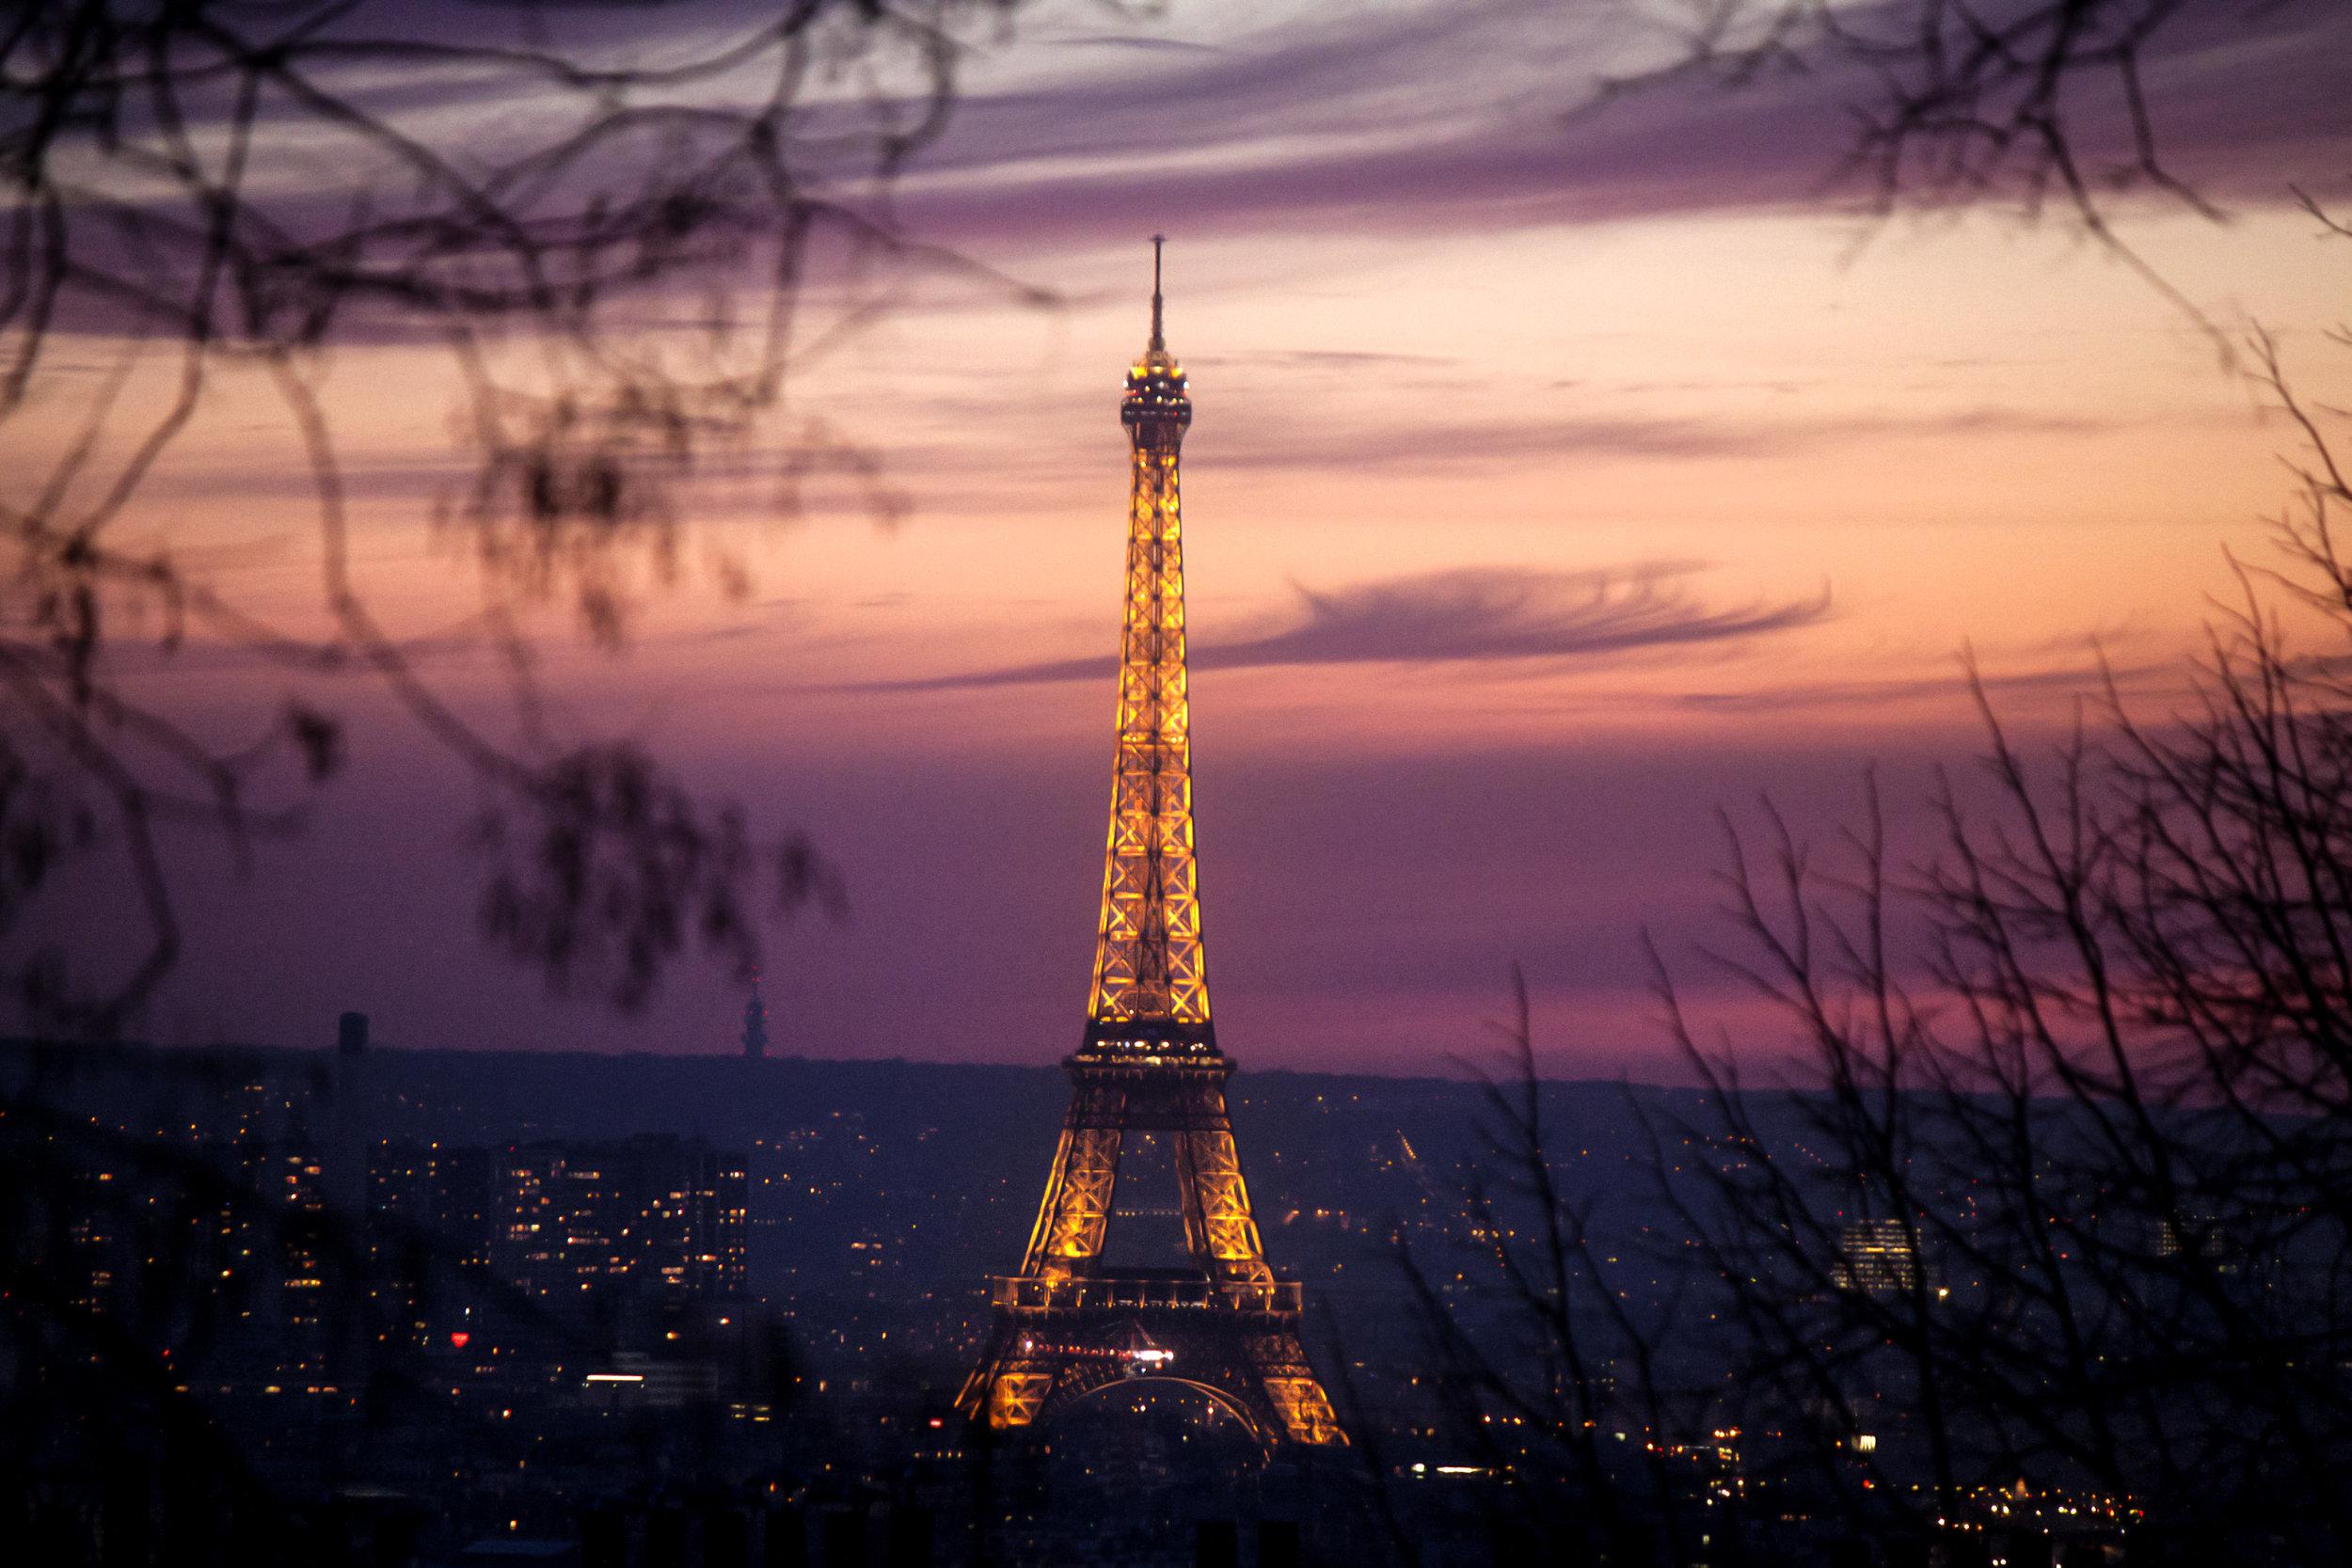 We are in Paris